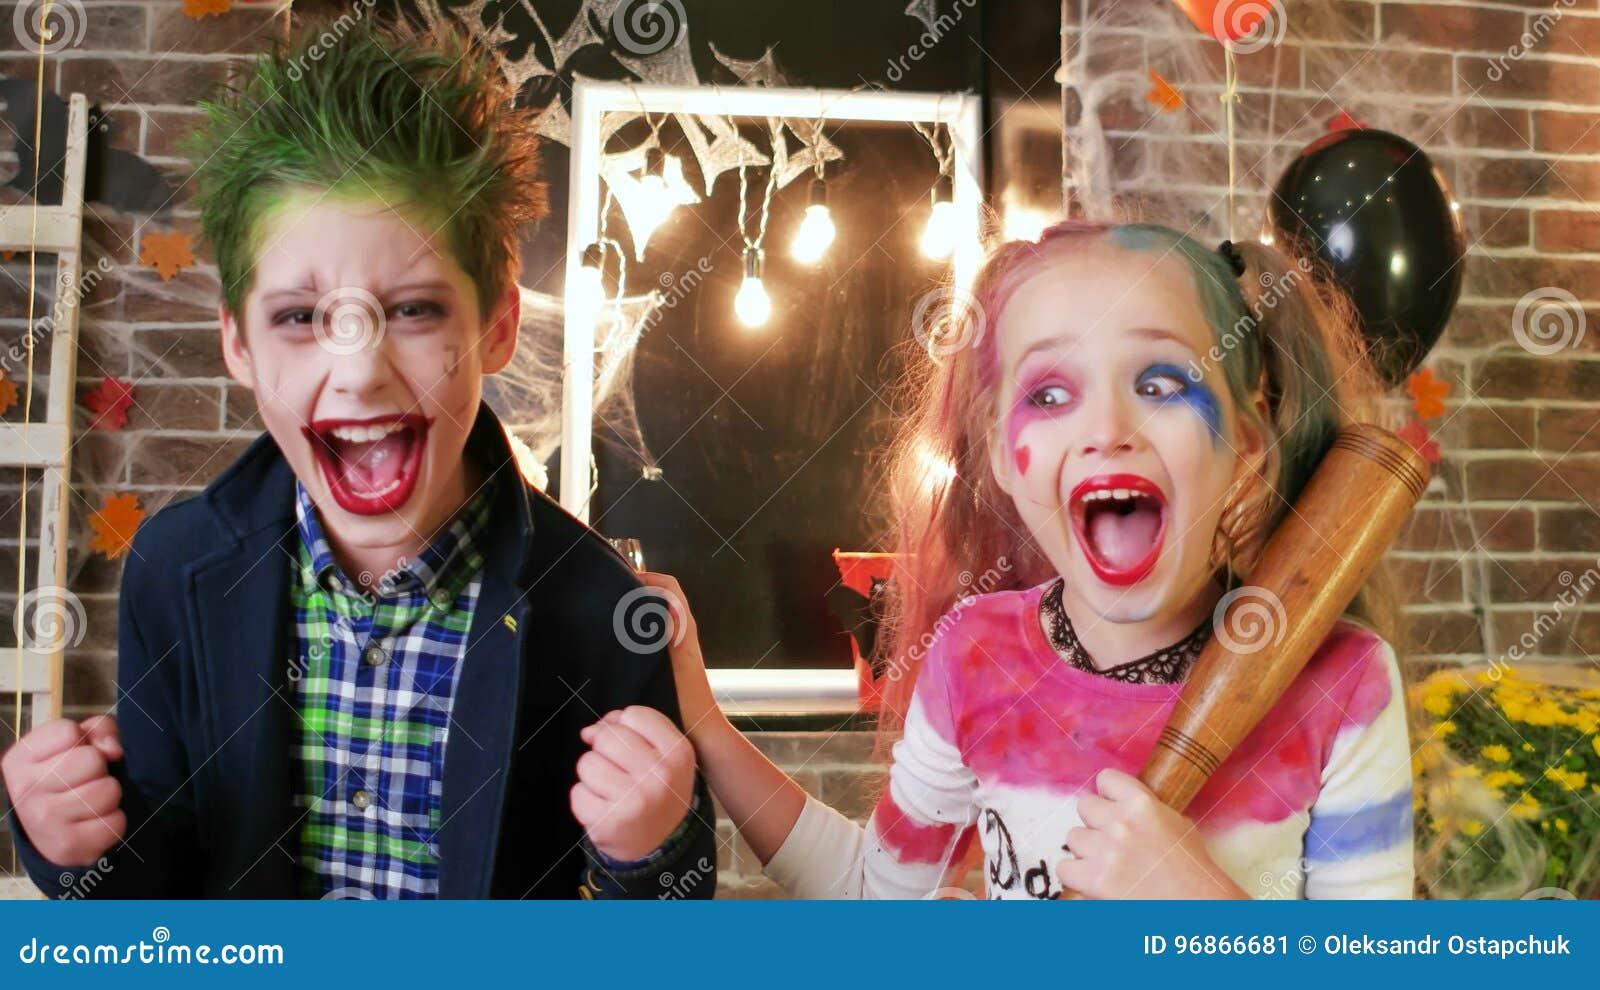 Harley Quinn et joker criant, enfants ayant l amusement à la partie de  Halloween, caractère fou, maquillage fantasmagorique.